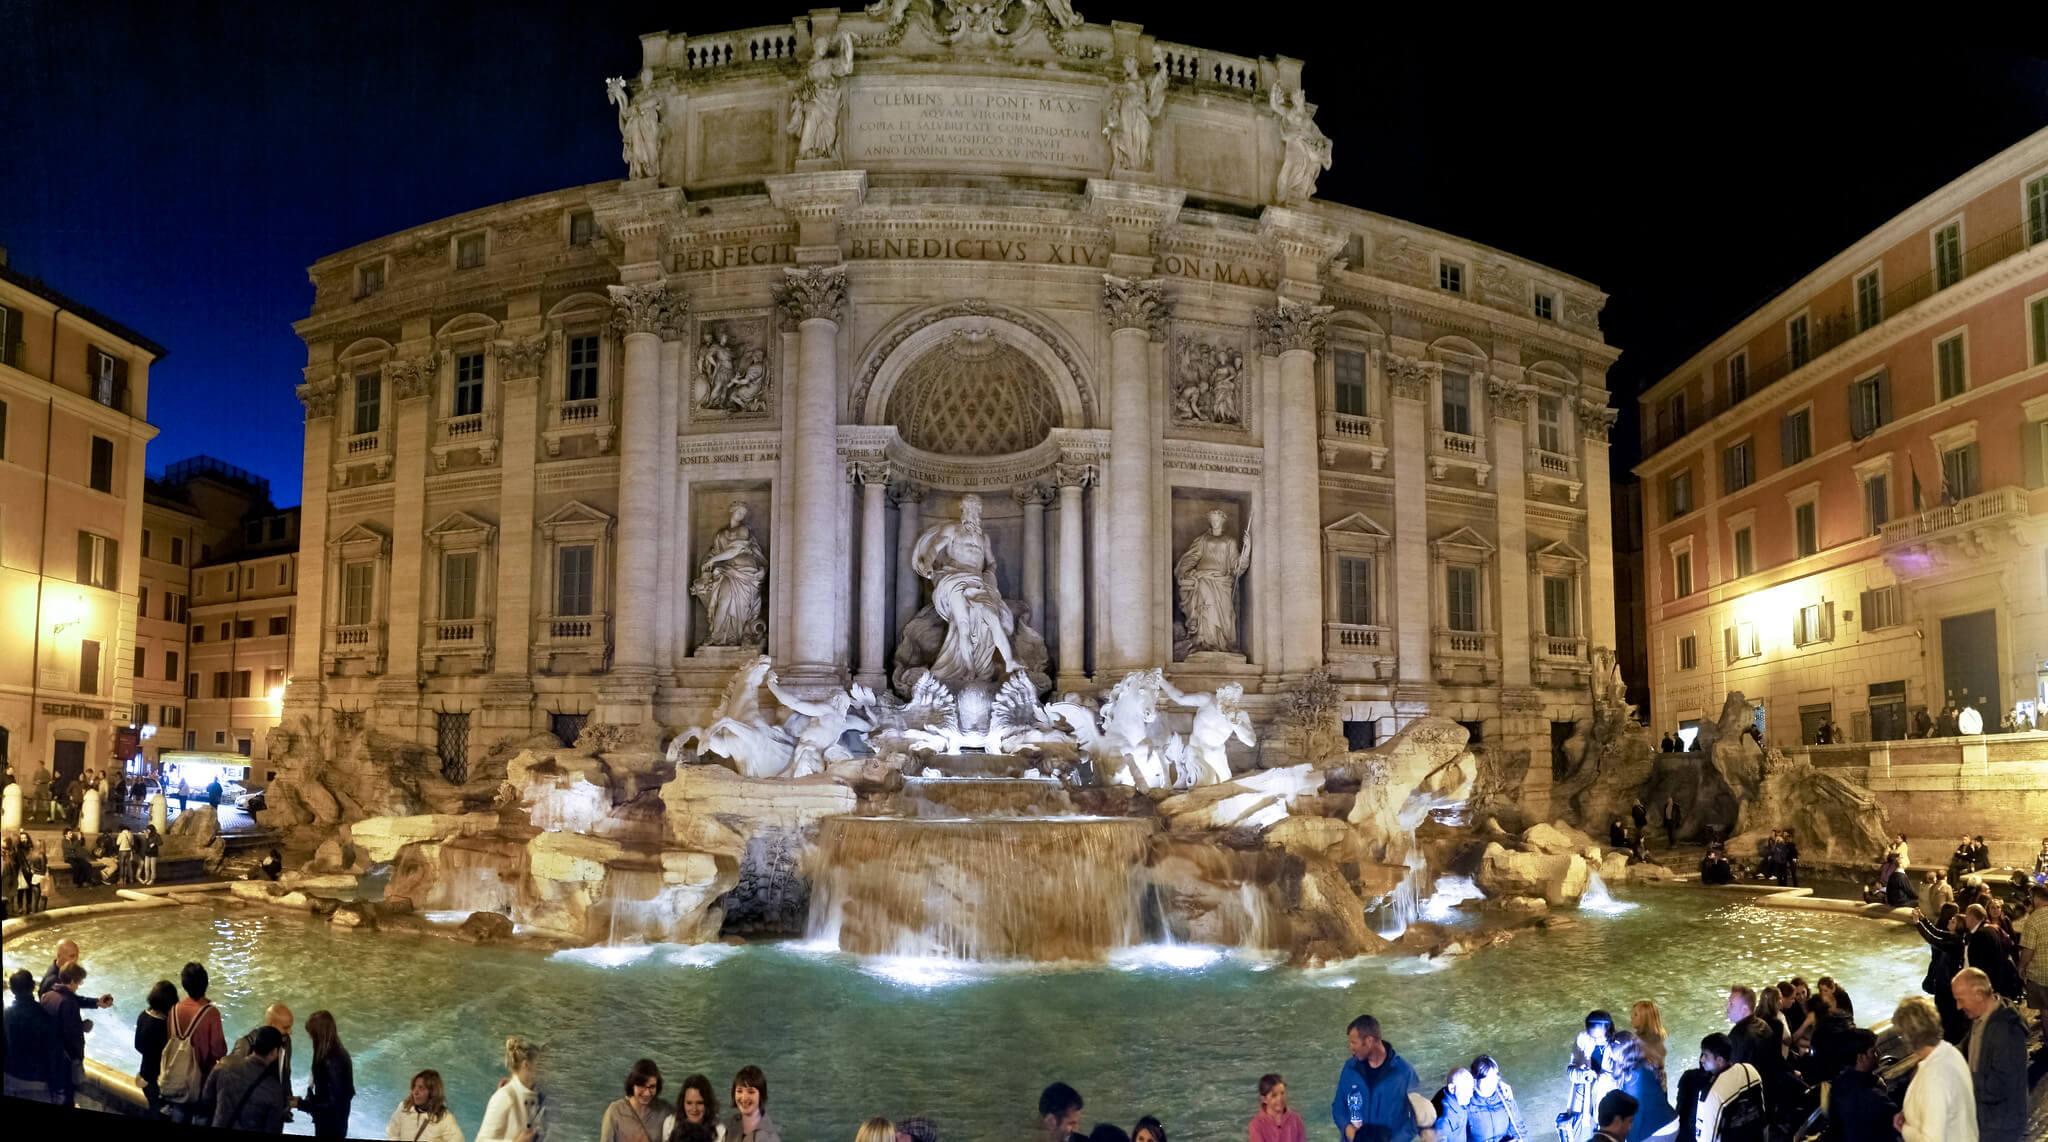 Que faire à Rome en 2 jours ? Découvrir des sites incontournables dont la splendeur résiste à l'assaut du temps, à l'instar de La Fontaine de Trévi.